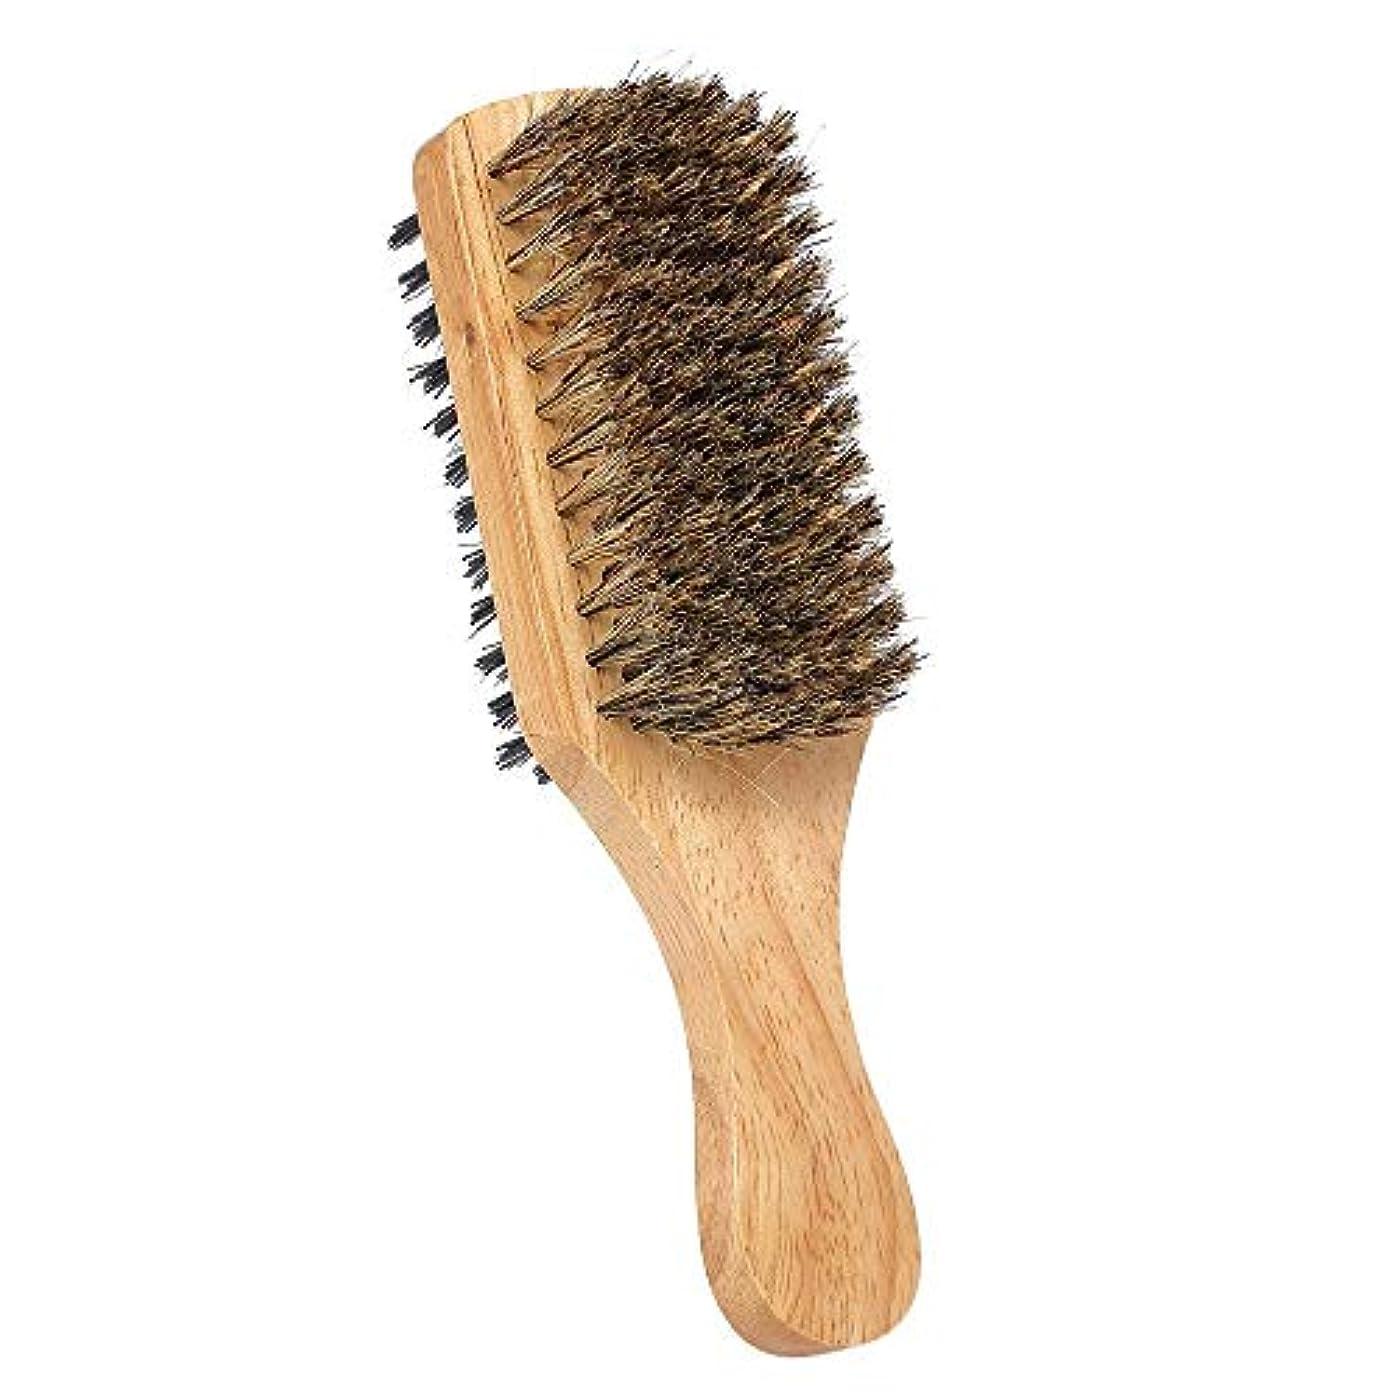 時期尚早くびれた大学院シェービングブラシ メンズ 理容 洗顔 髭剃り ひげ髭ブラシ ひげケア ひげ剃り シェービングブラシ デュアルサイド (Color : #2)